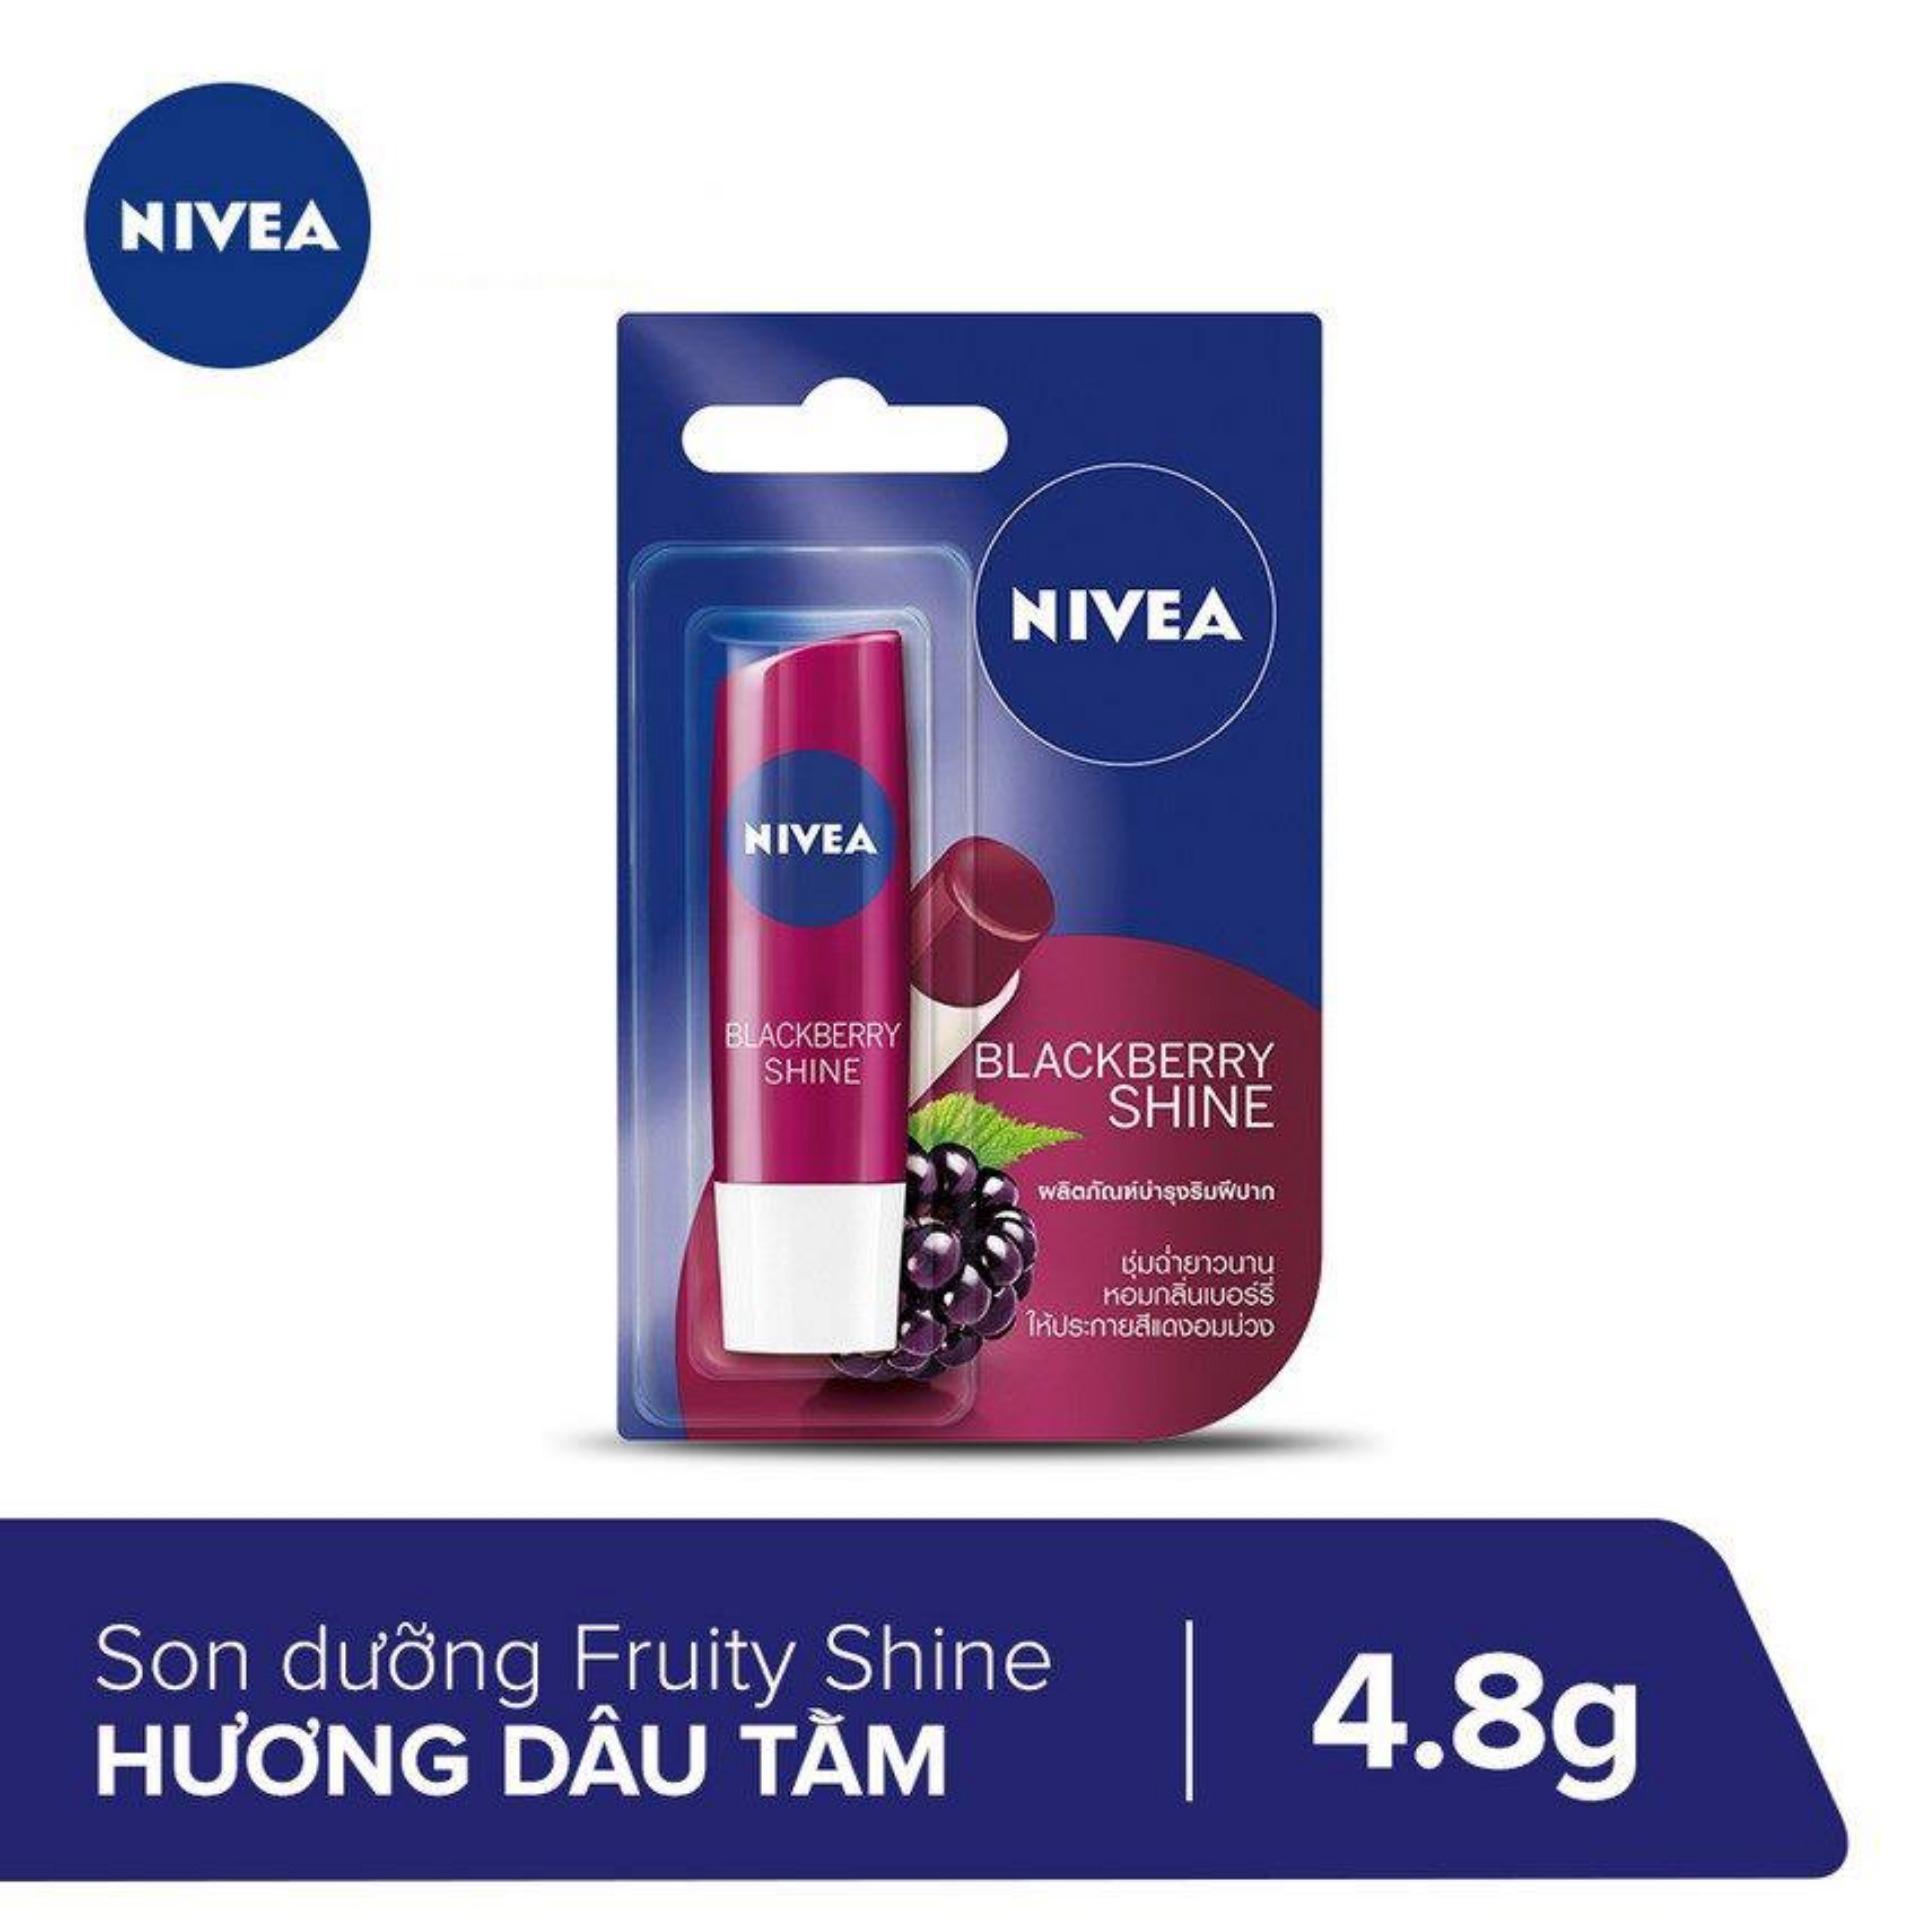 (Thanh lý - HSD 27/05/2020) Son Dưỡng Ẩm Sắc Hồng Hương Dâu Tằm Blackberry Shine Nivea 4.8g tốt nhất